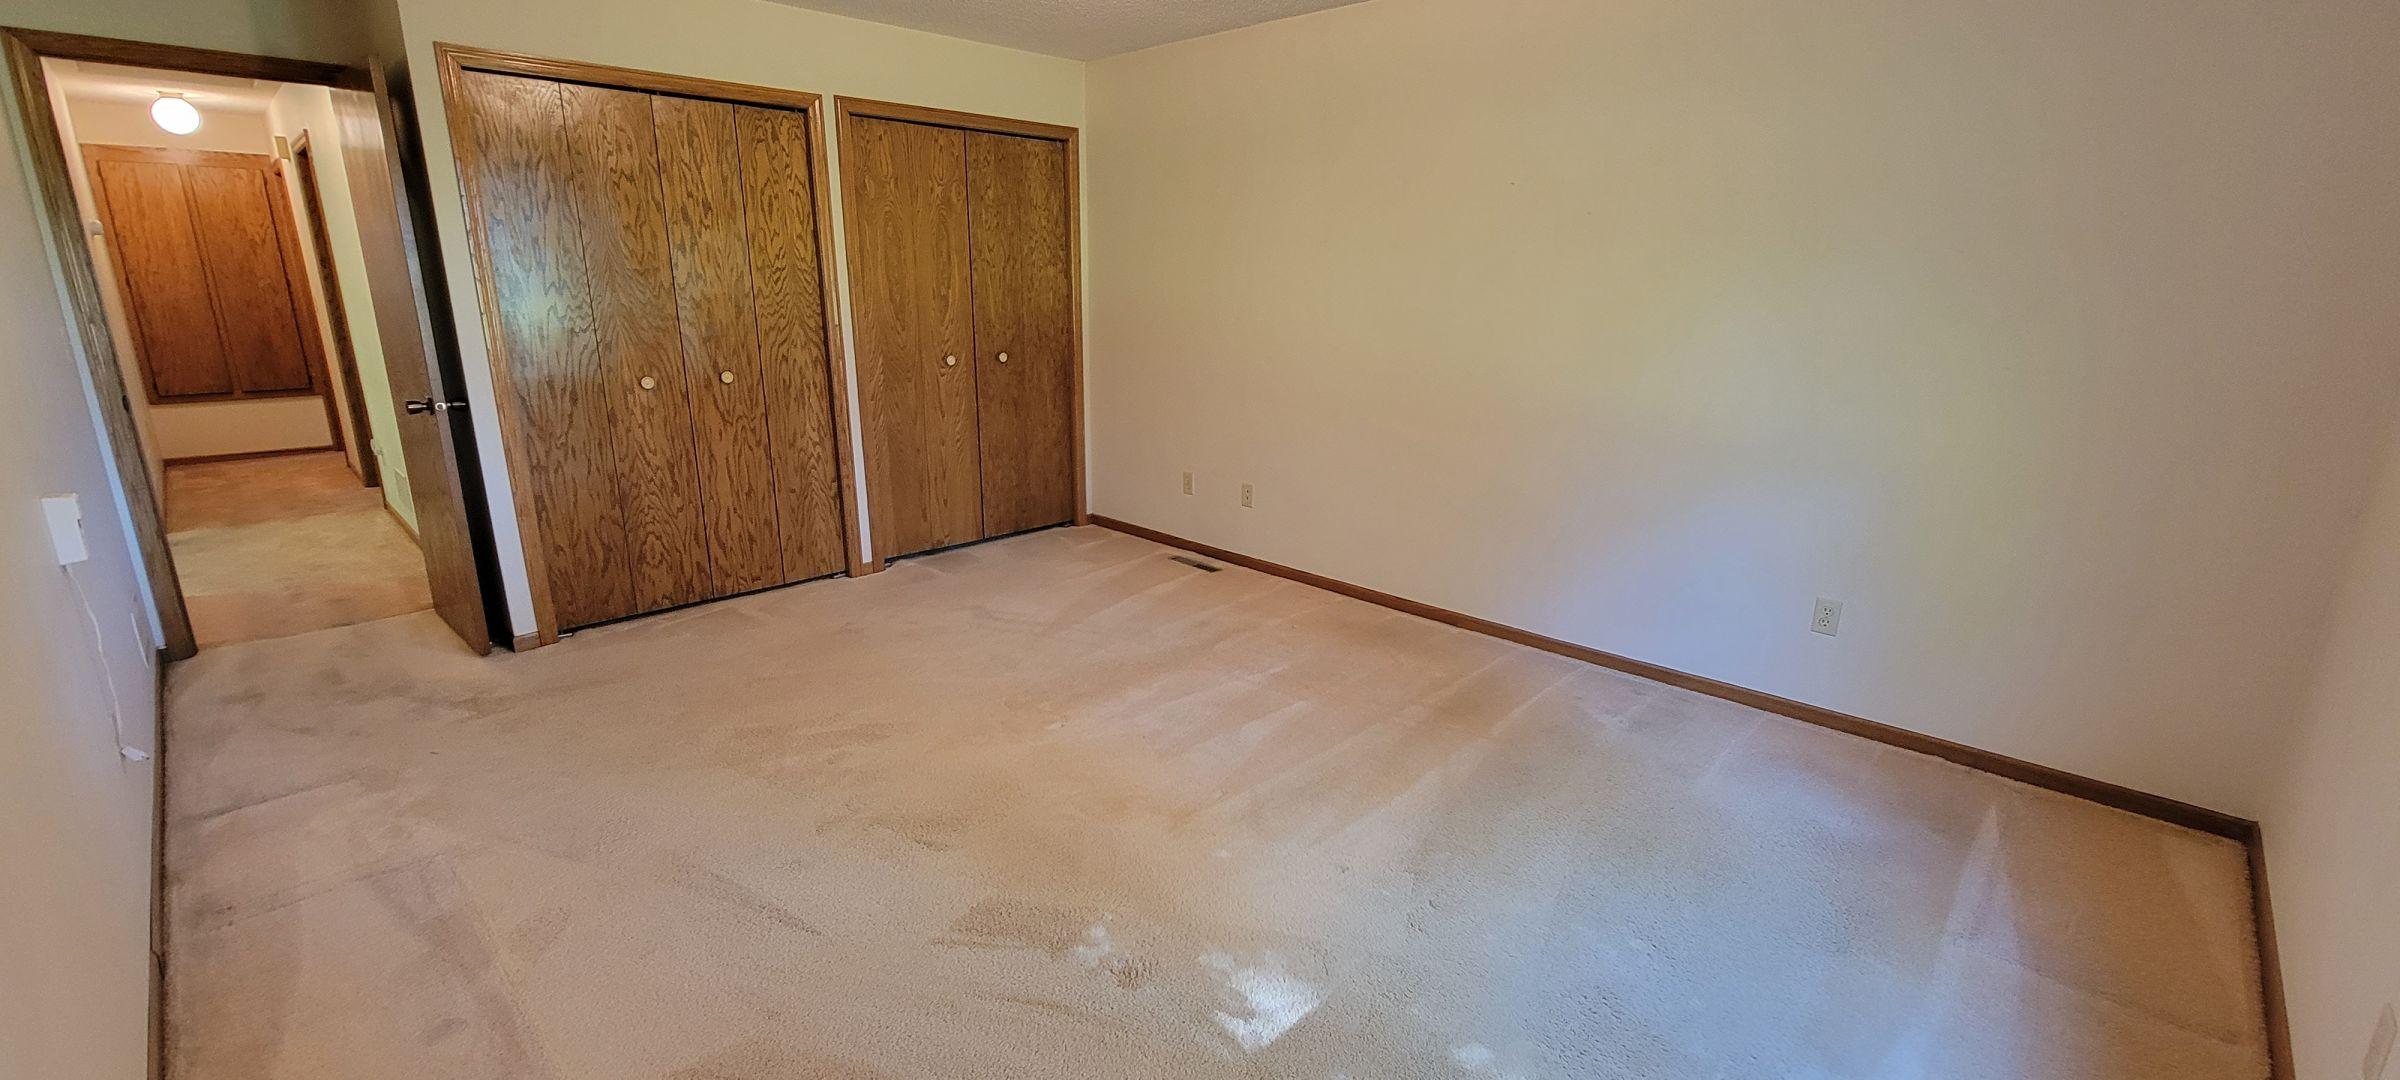 Bedroom 1 - 12' x 15'